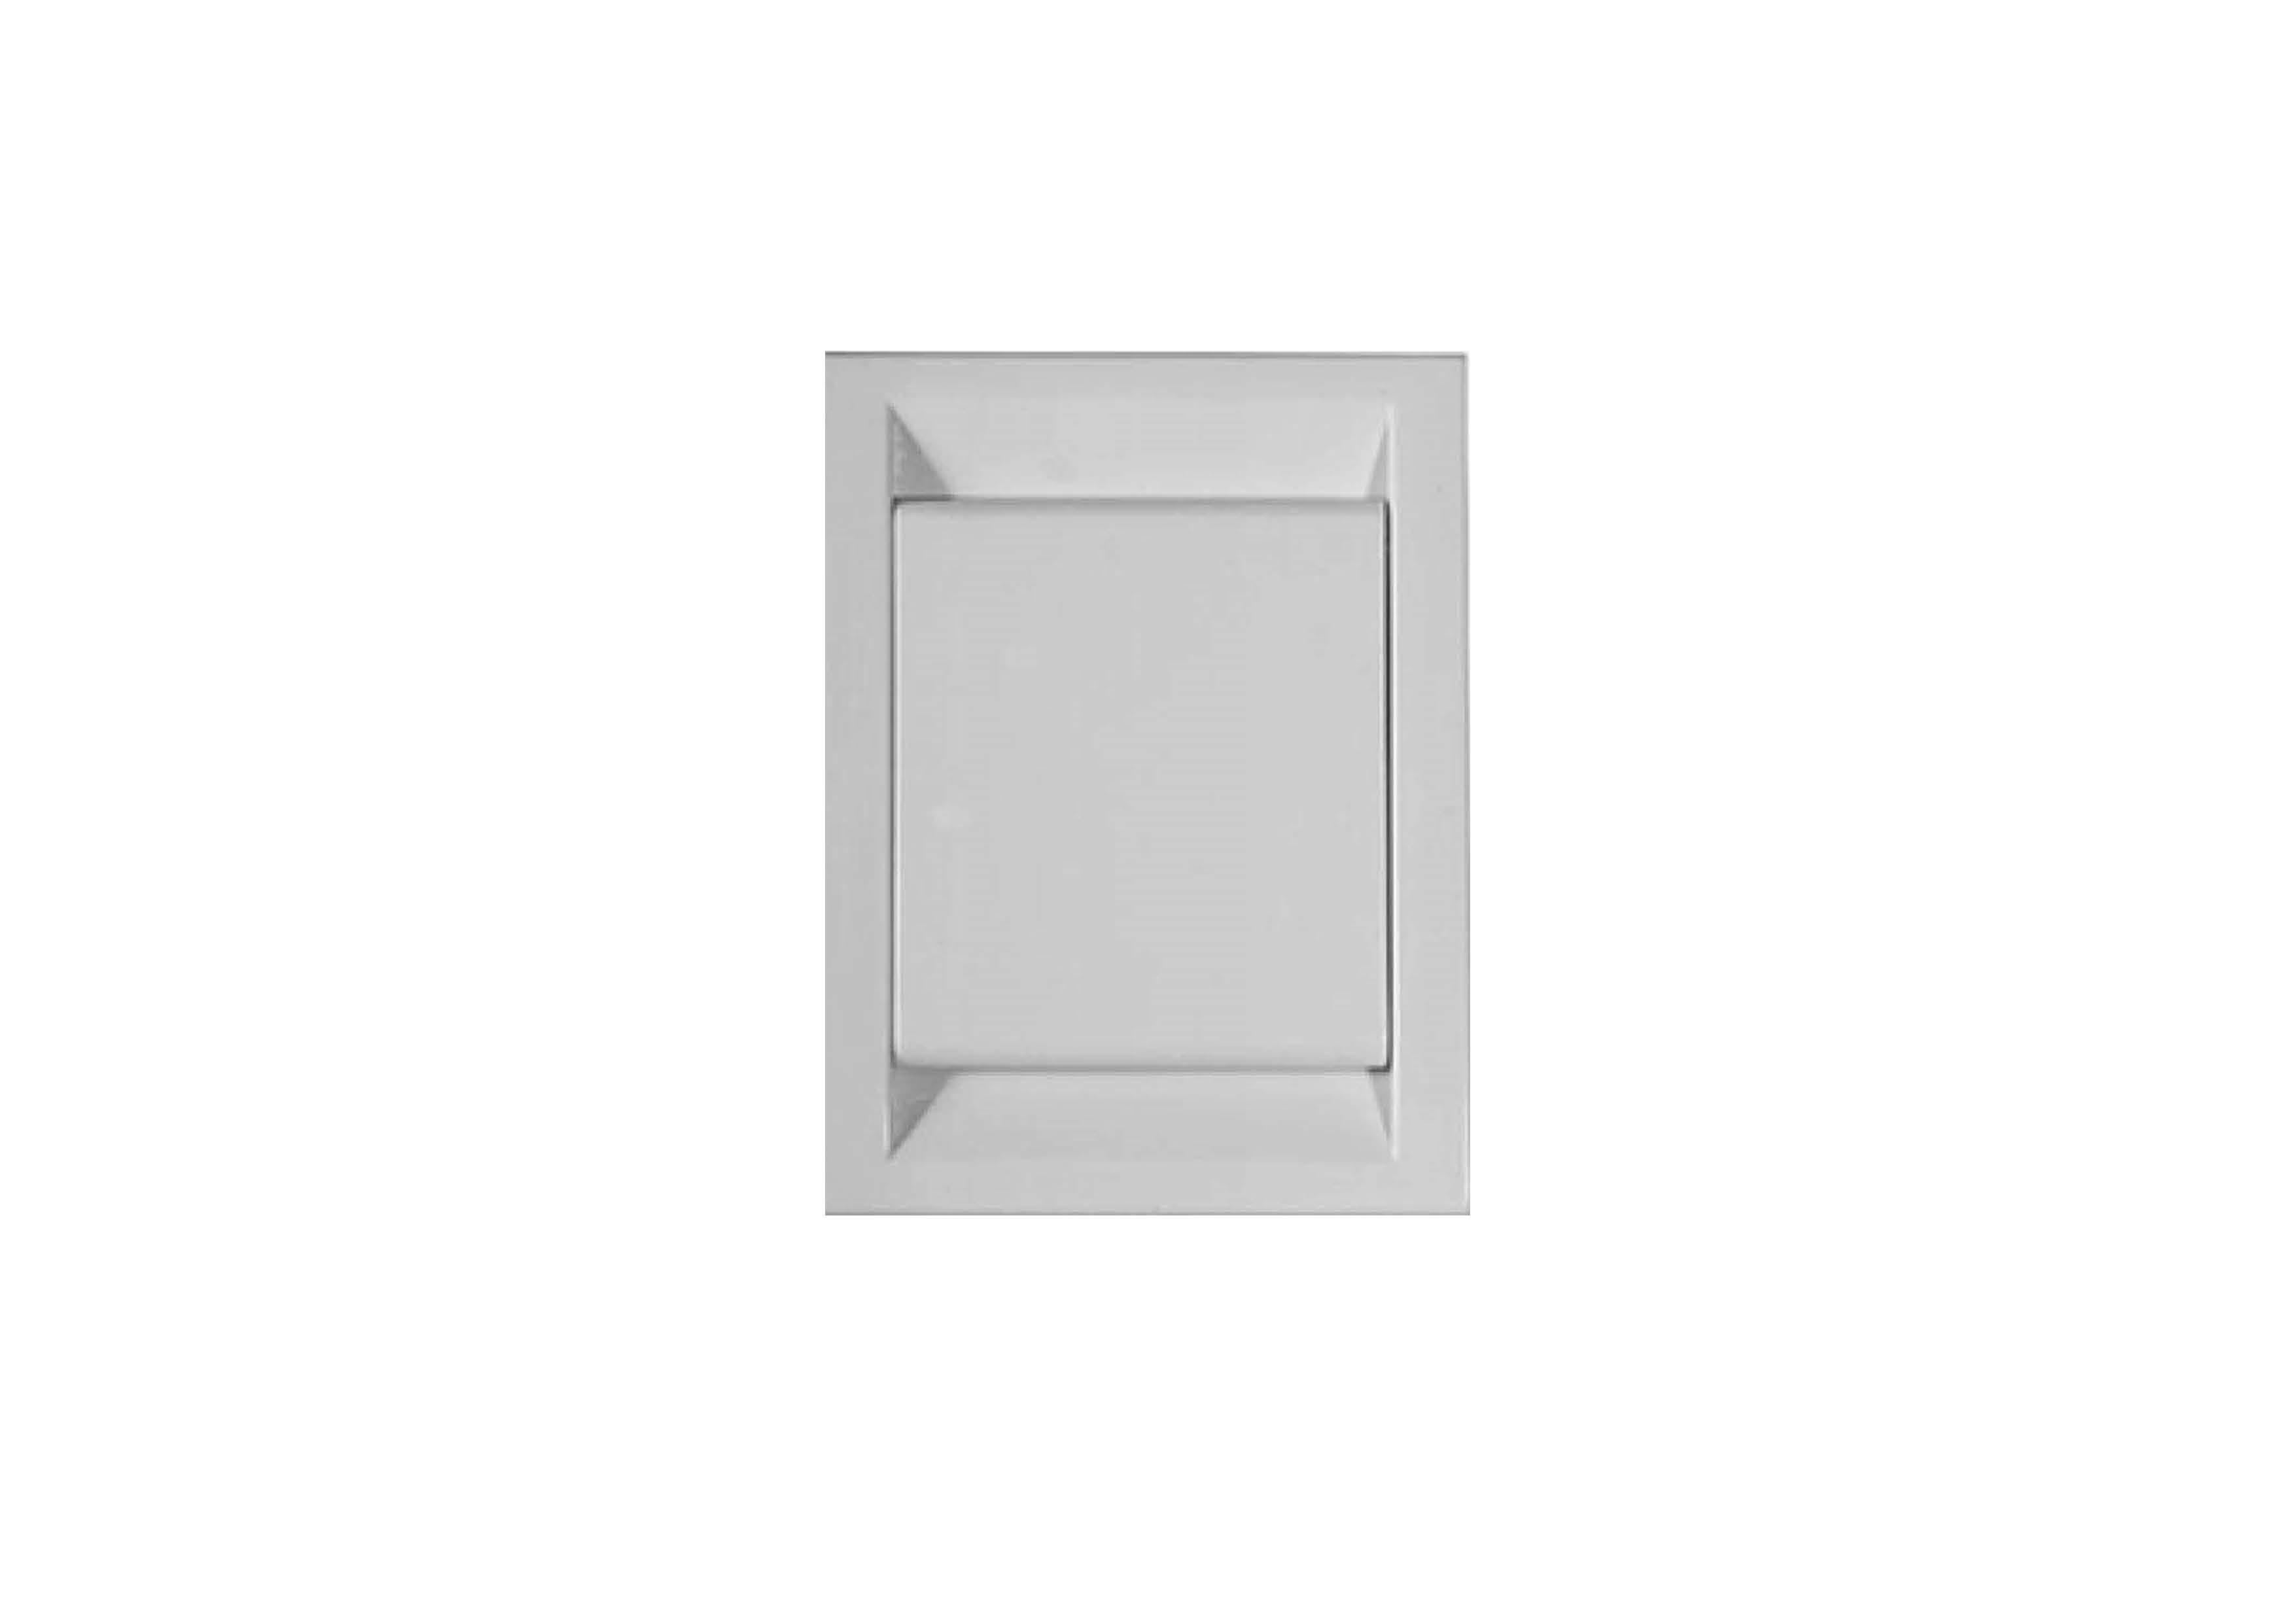 Вакуумна розетка DECO, колір сірий